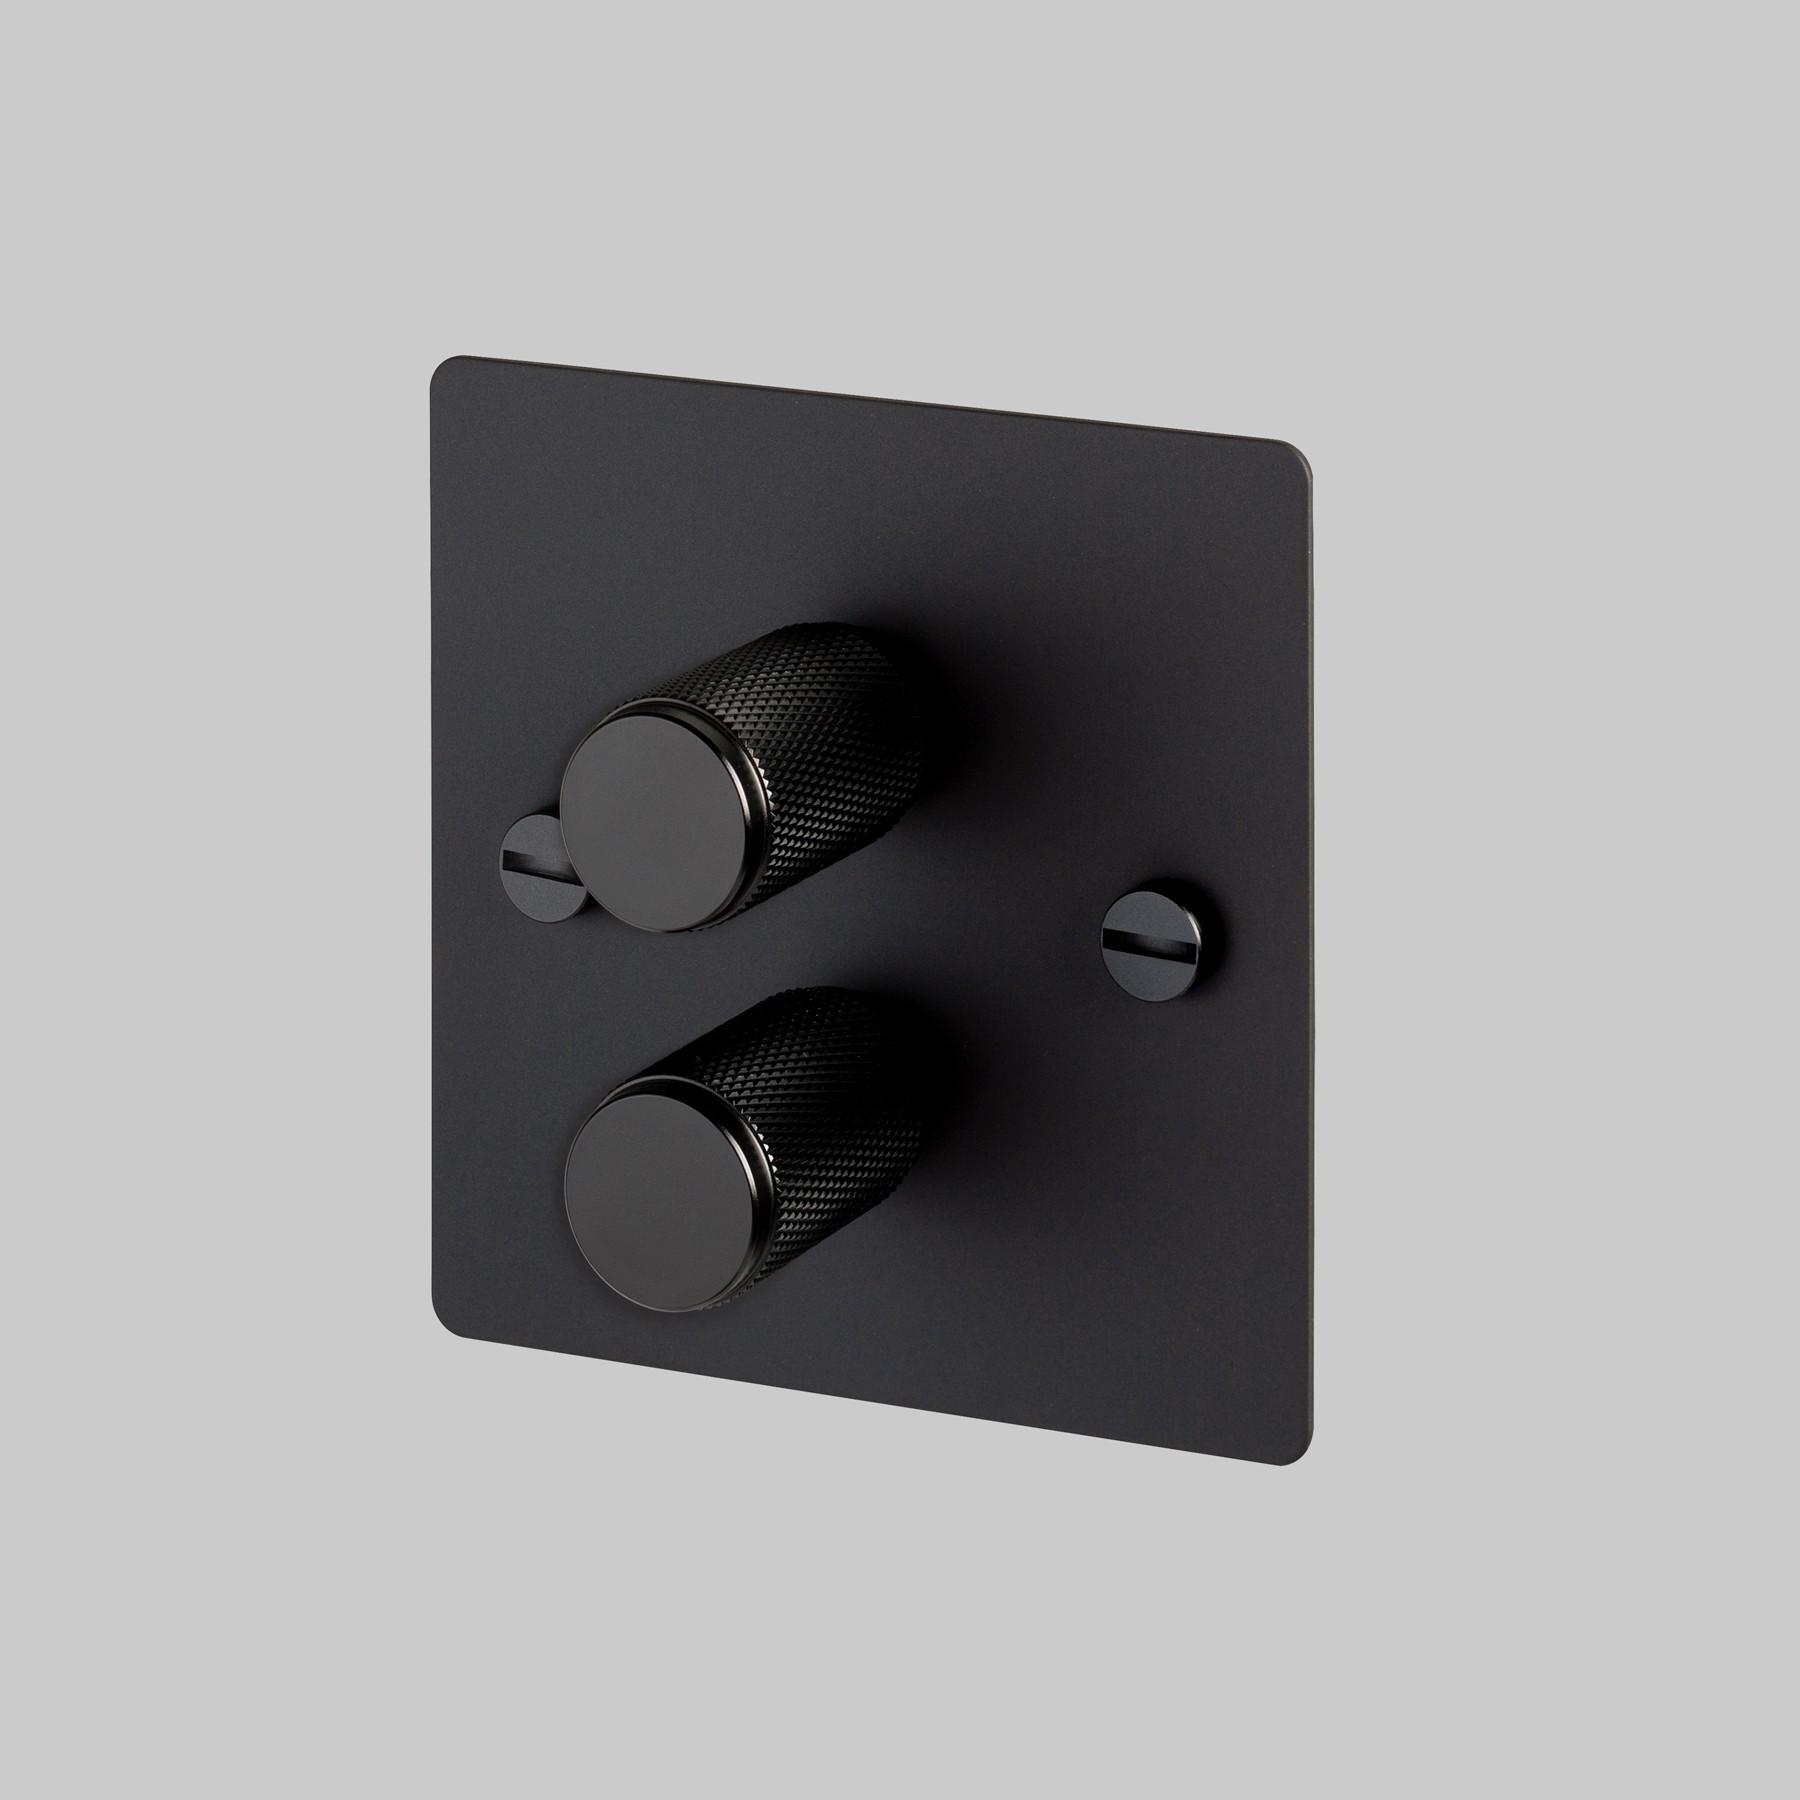 2G DIMMER / BLACK